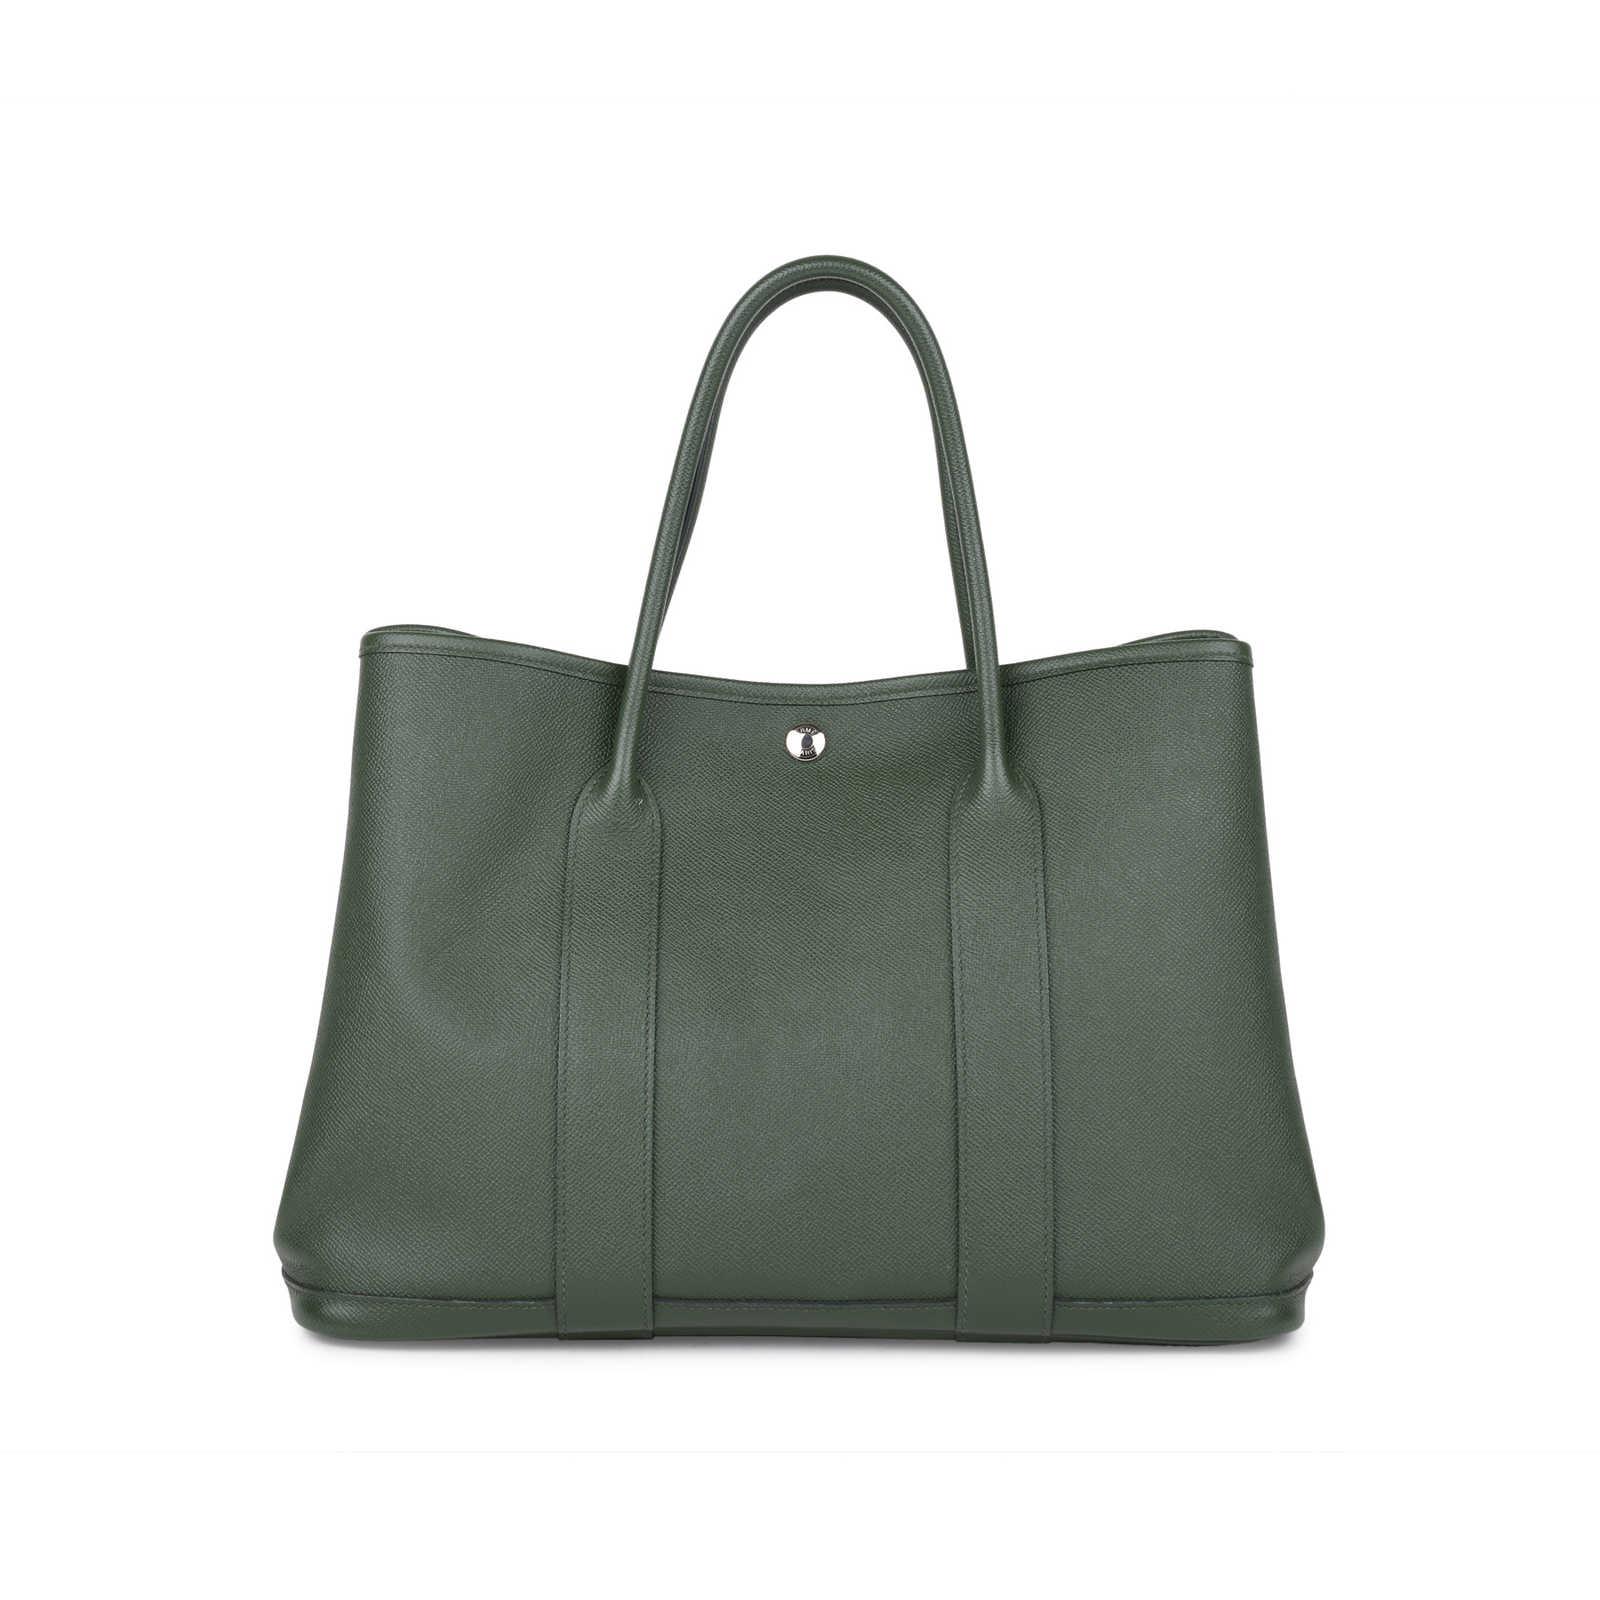 af22d32aaf25 New Zealand Hermes Bag Garden Party Price 6000 33d8a Ff6f8